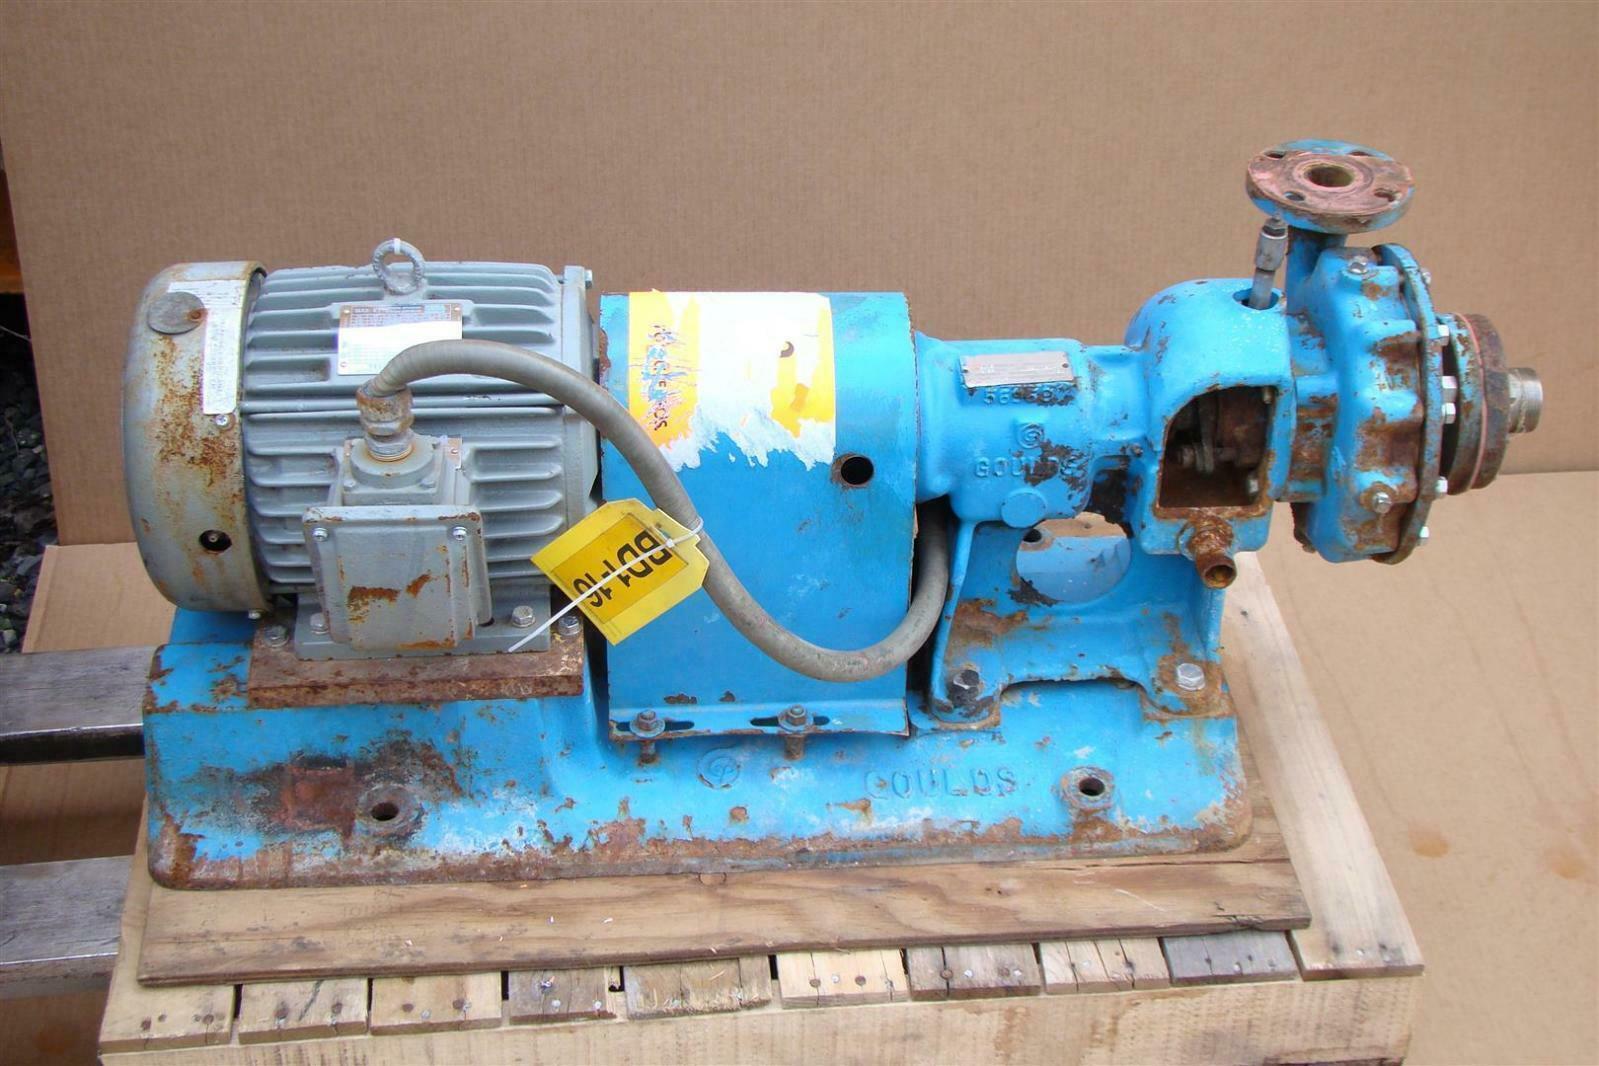 Details about Goulds Pumps 1 25x1 50-7 1750Rpm 6 75 717D918 3755